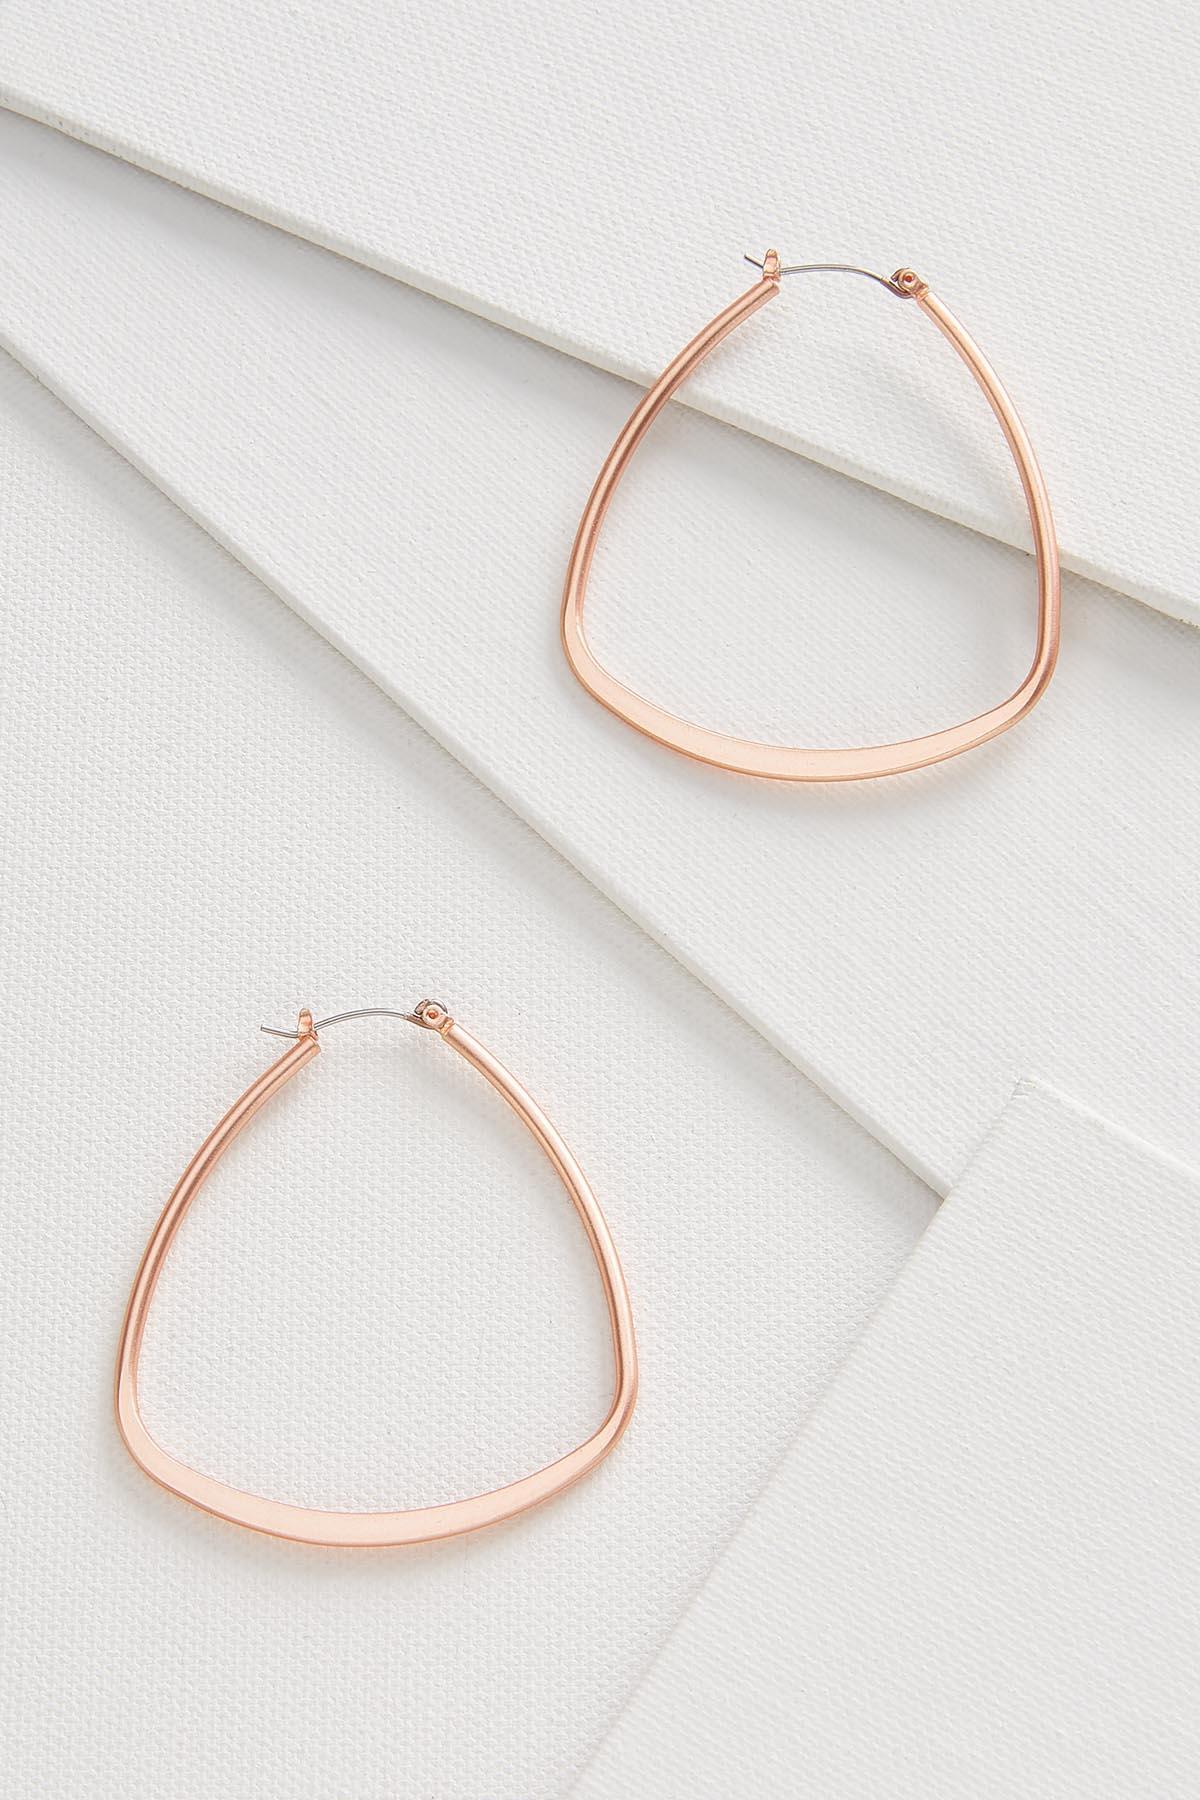 Triangular Hoop Earrings